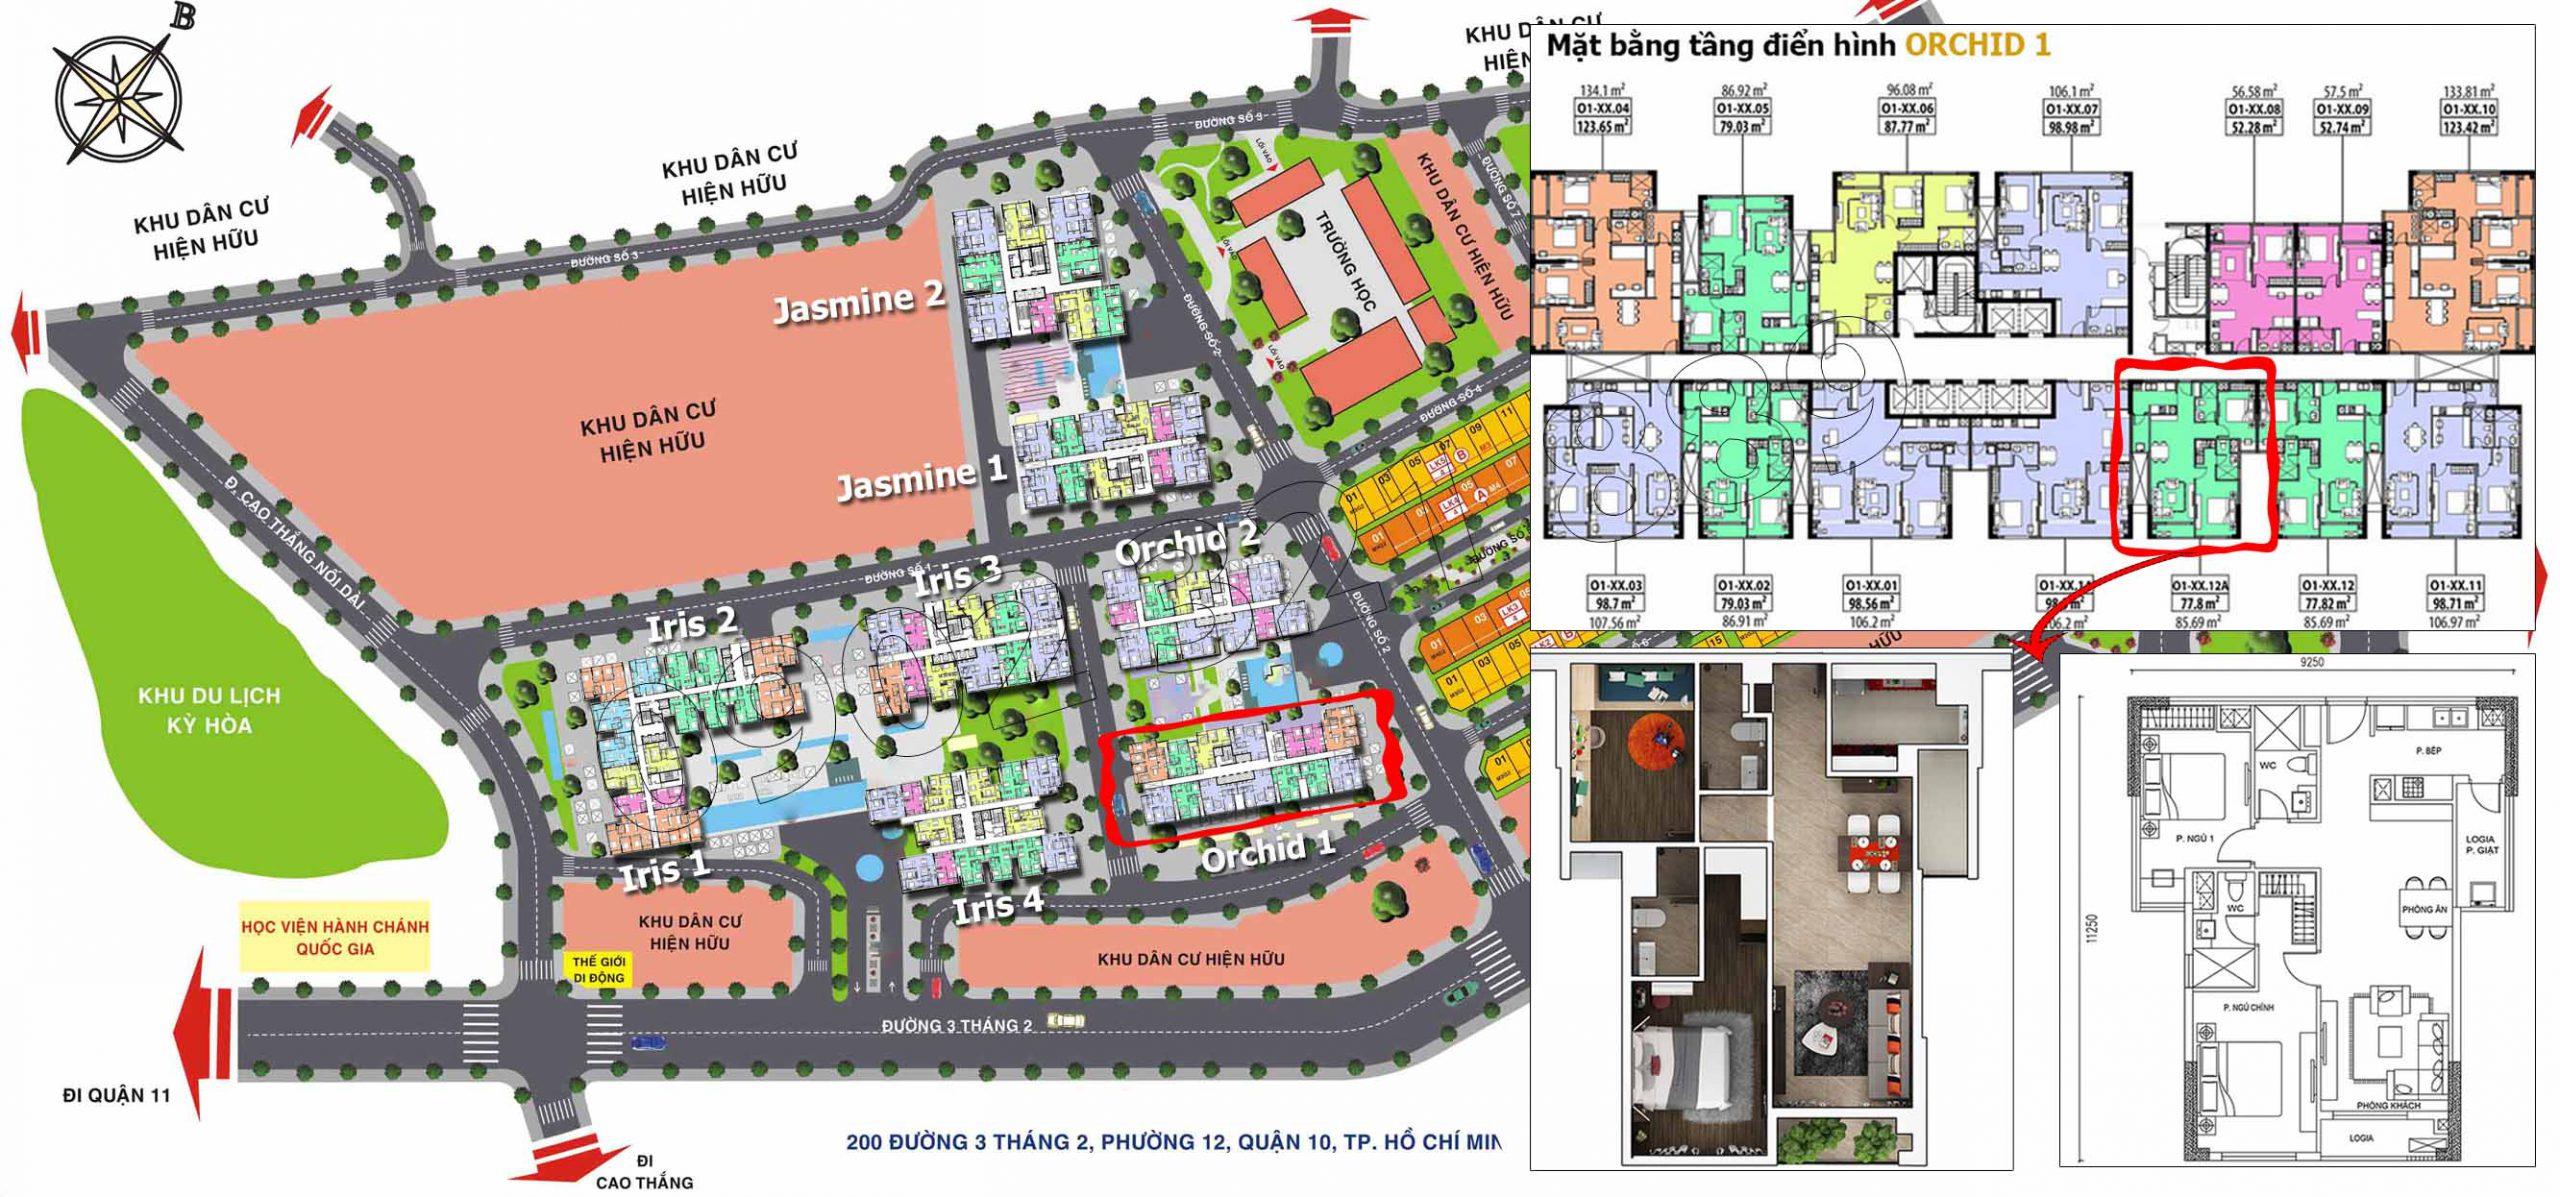 Vị trí căn hộ 12A diện tích 85m2 tại tòa Orchid 1 - Hado Centrosa Garden